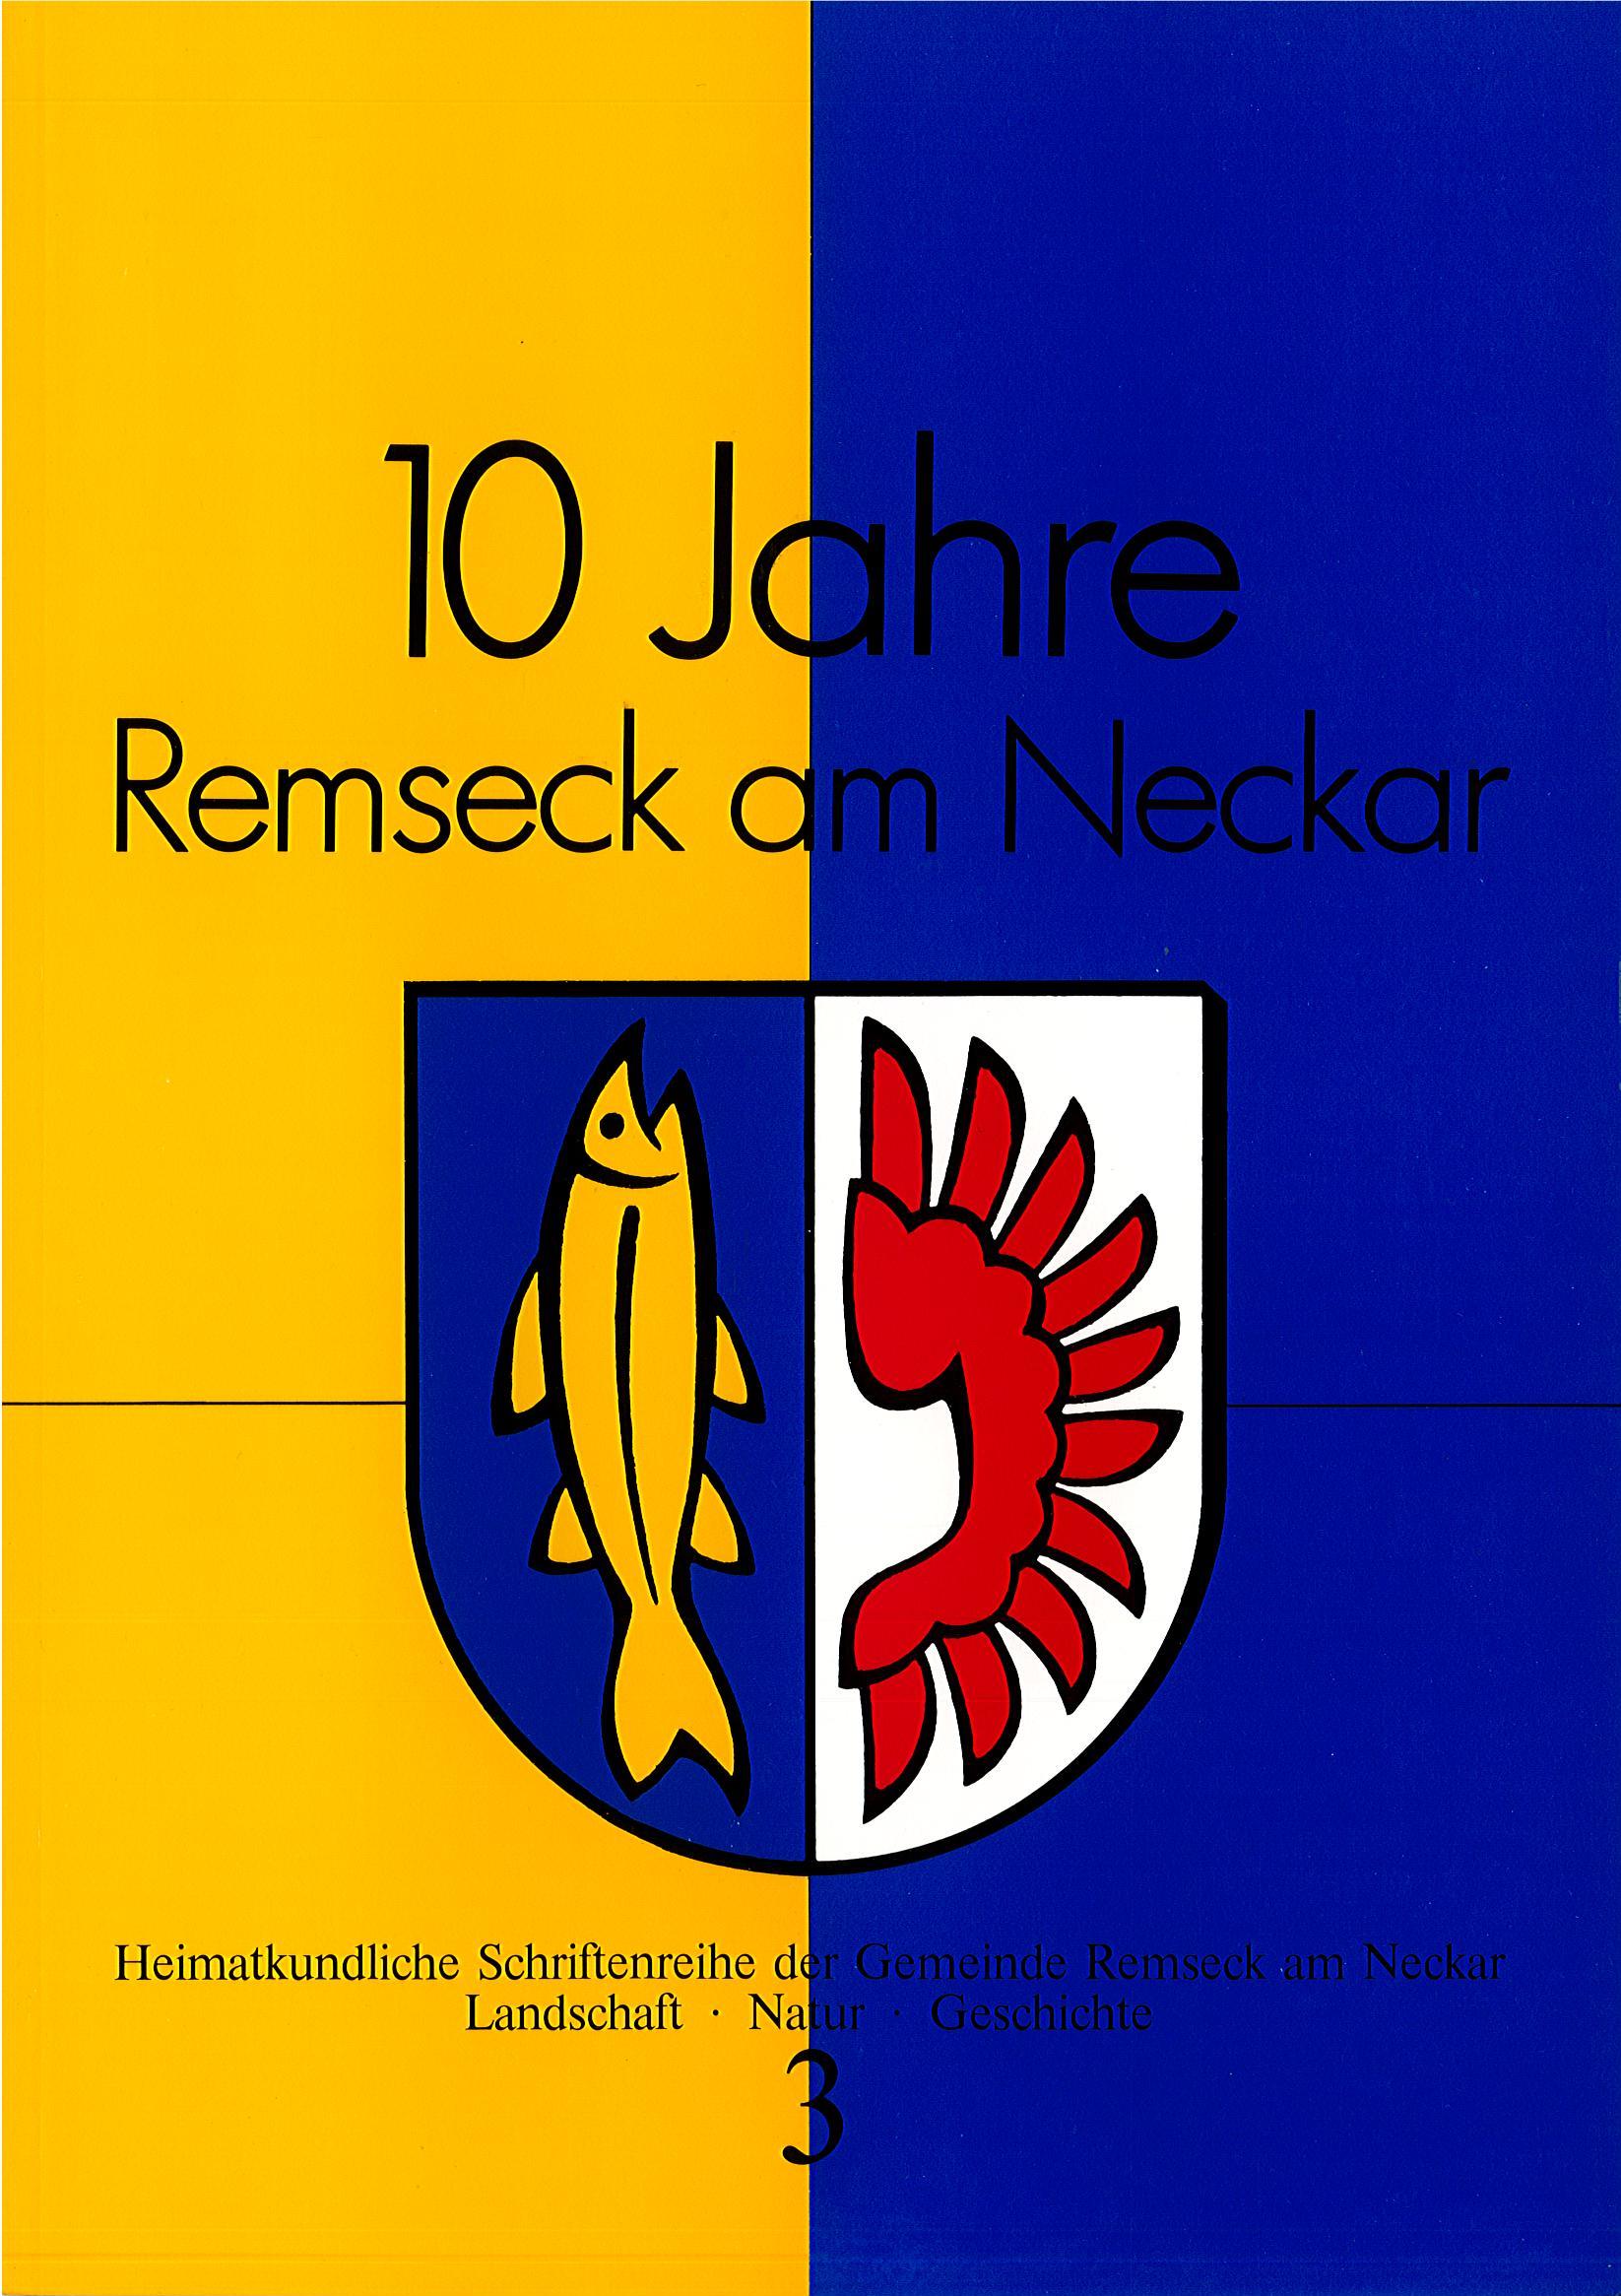 10 Jahre Remseck am Neckar (Heimatkundliche Schriftenreihe, Band 3)